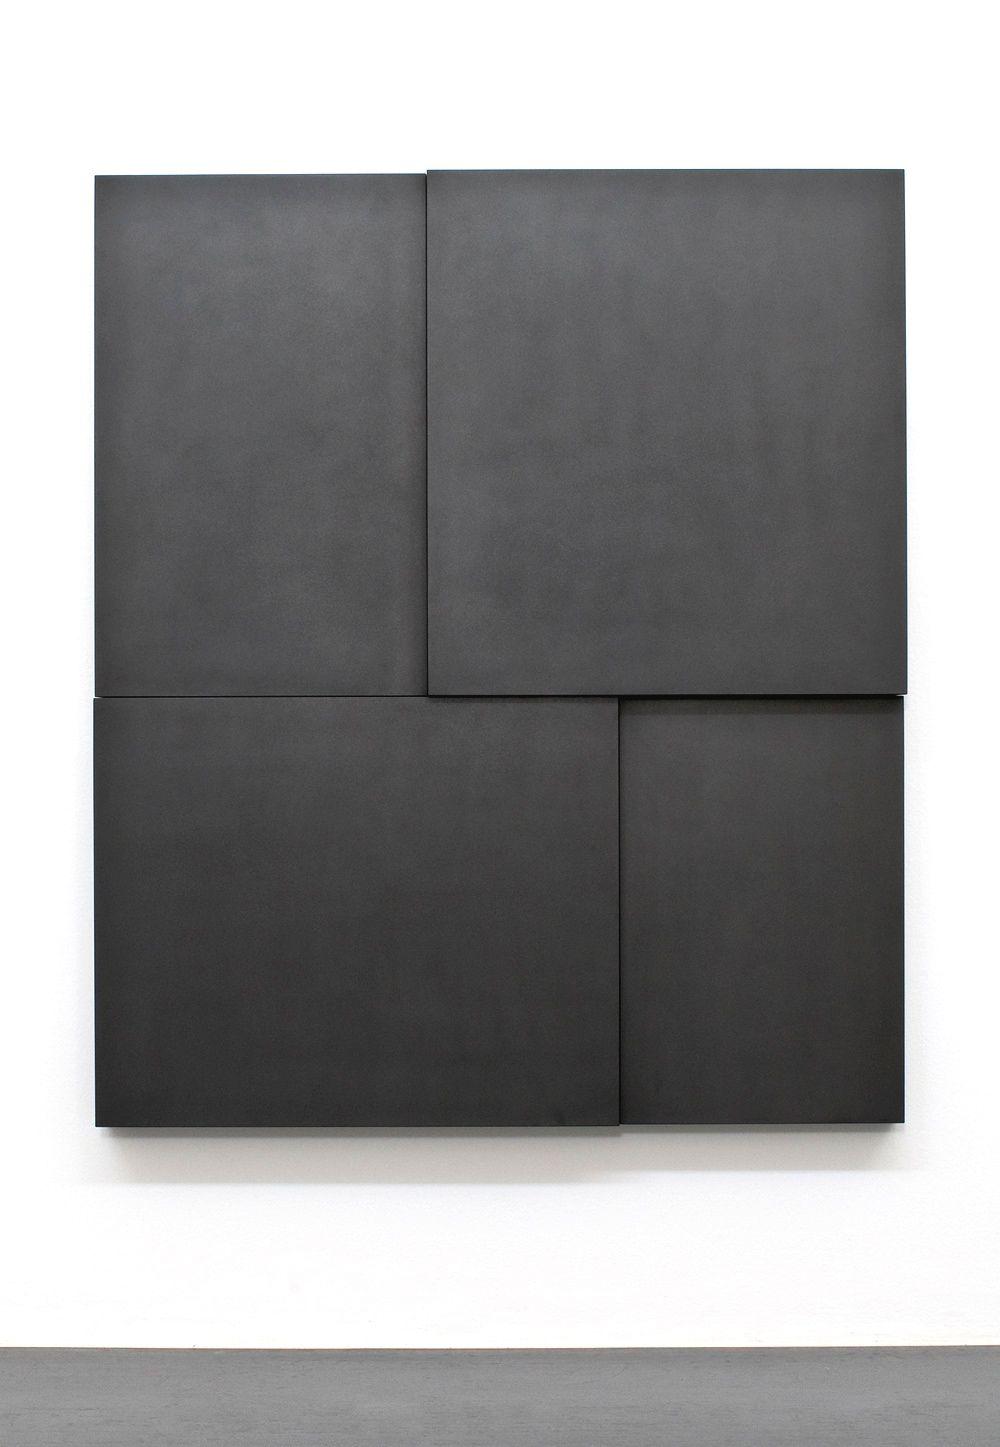 Art Hunter Julia Mangold Germany B 1966 O T 2010 018 2010 Graphite In Wax On Mdf 200 X 170 X 17 Cm Shadow Art Minimalist Art Cement Art